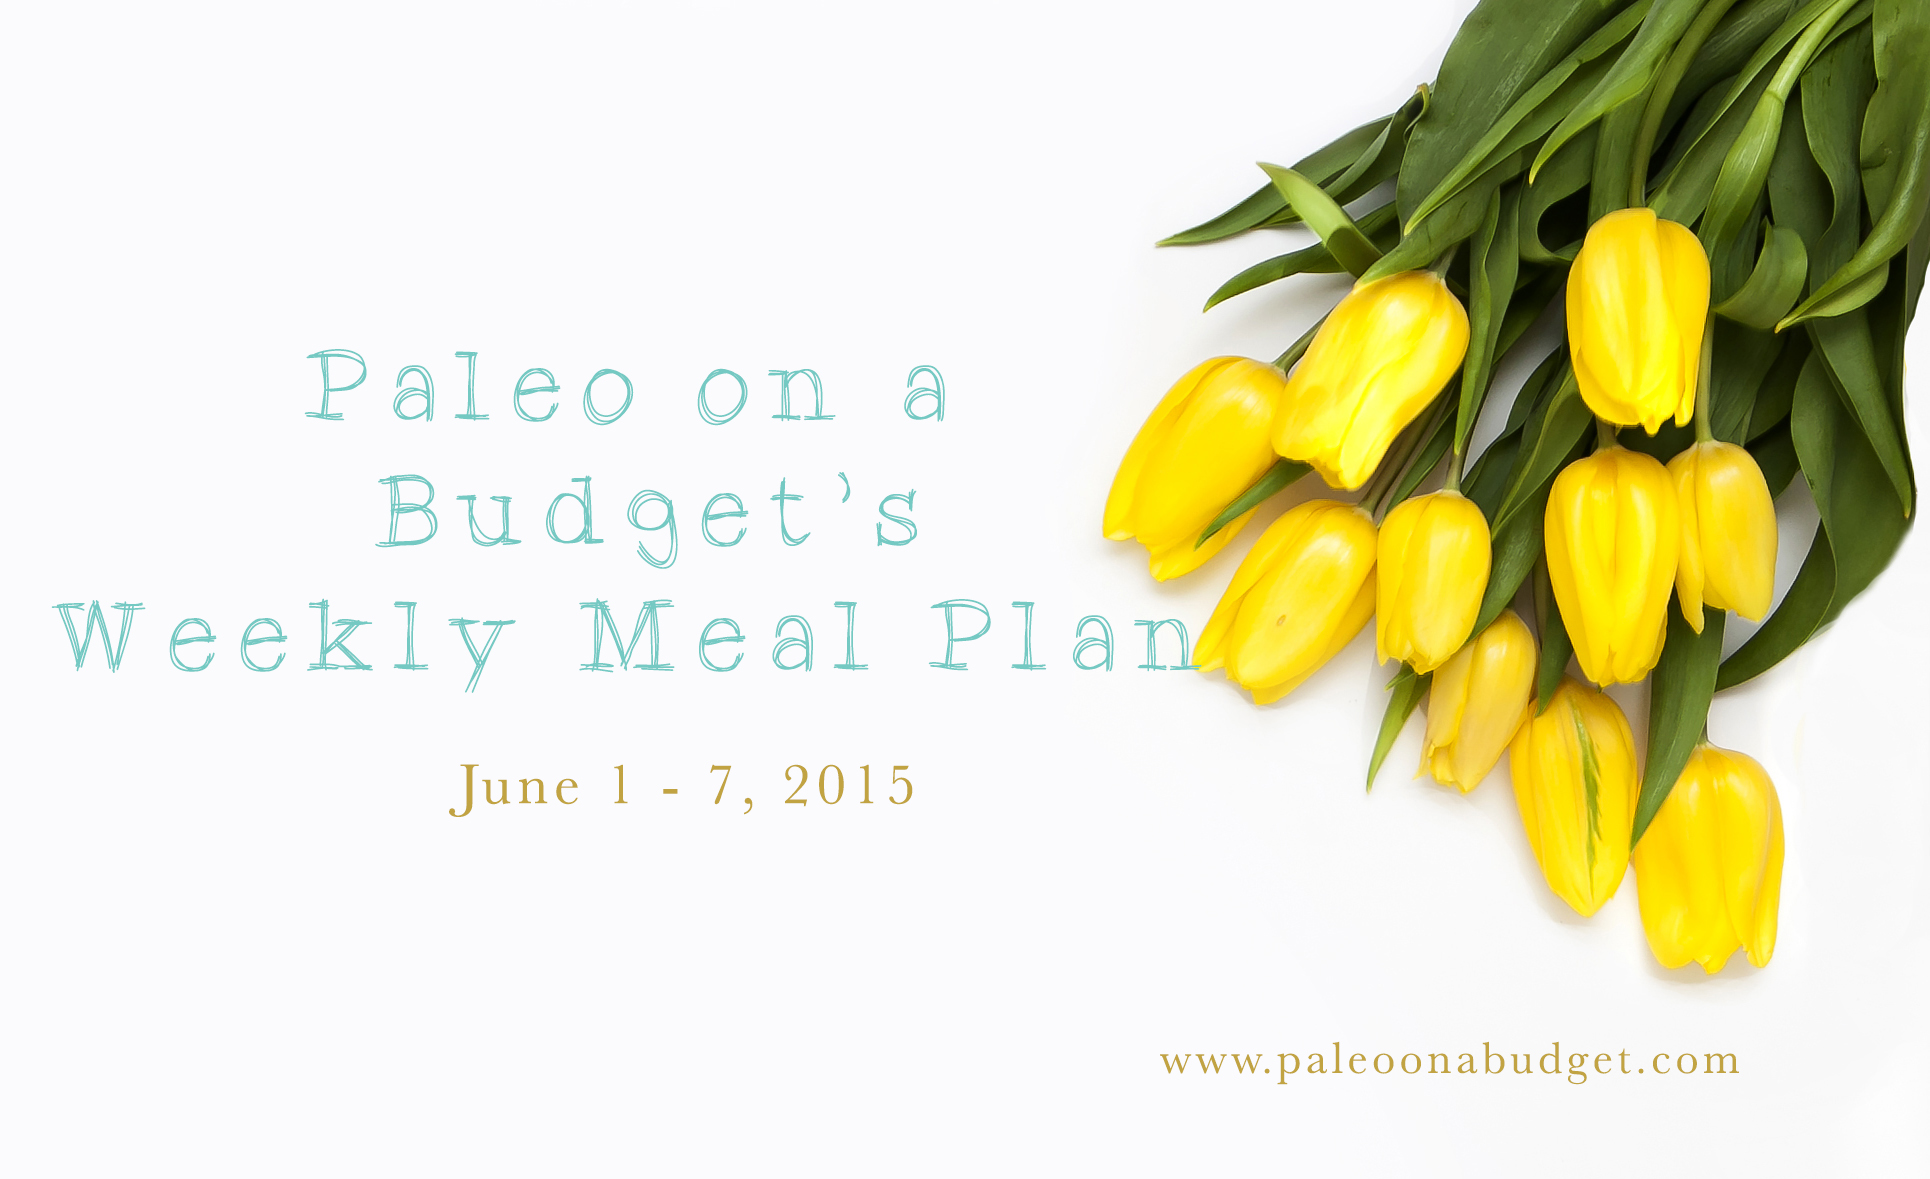 Paleo Weekly Meal Plan {Week of June 1, 2015}